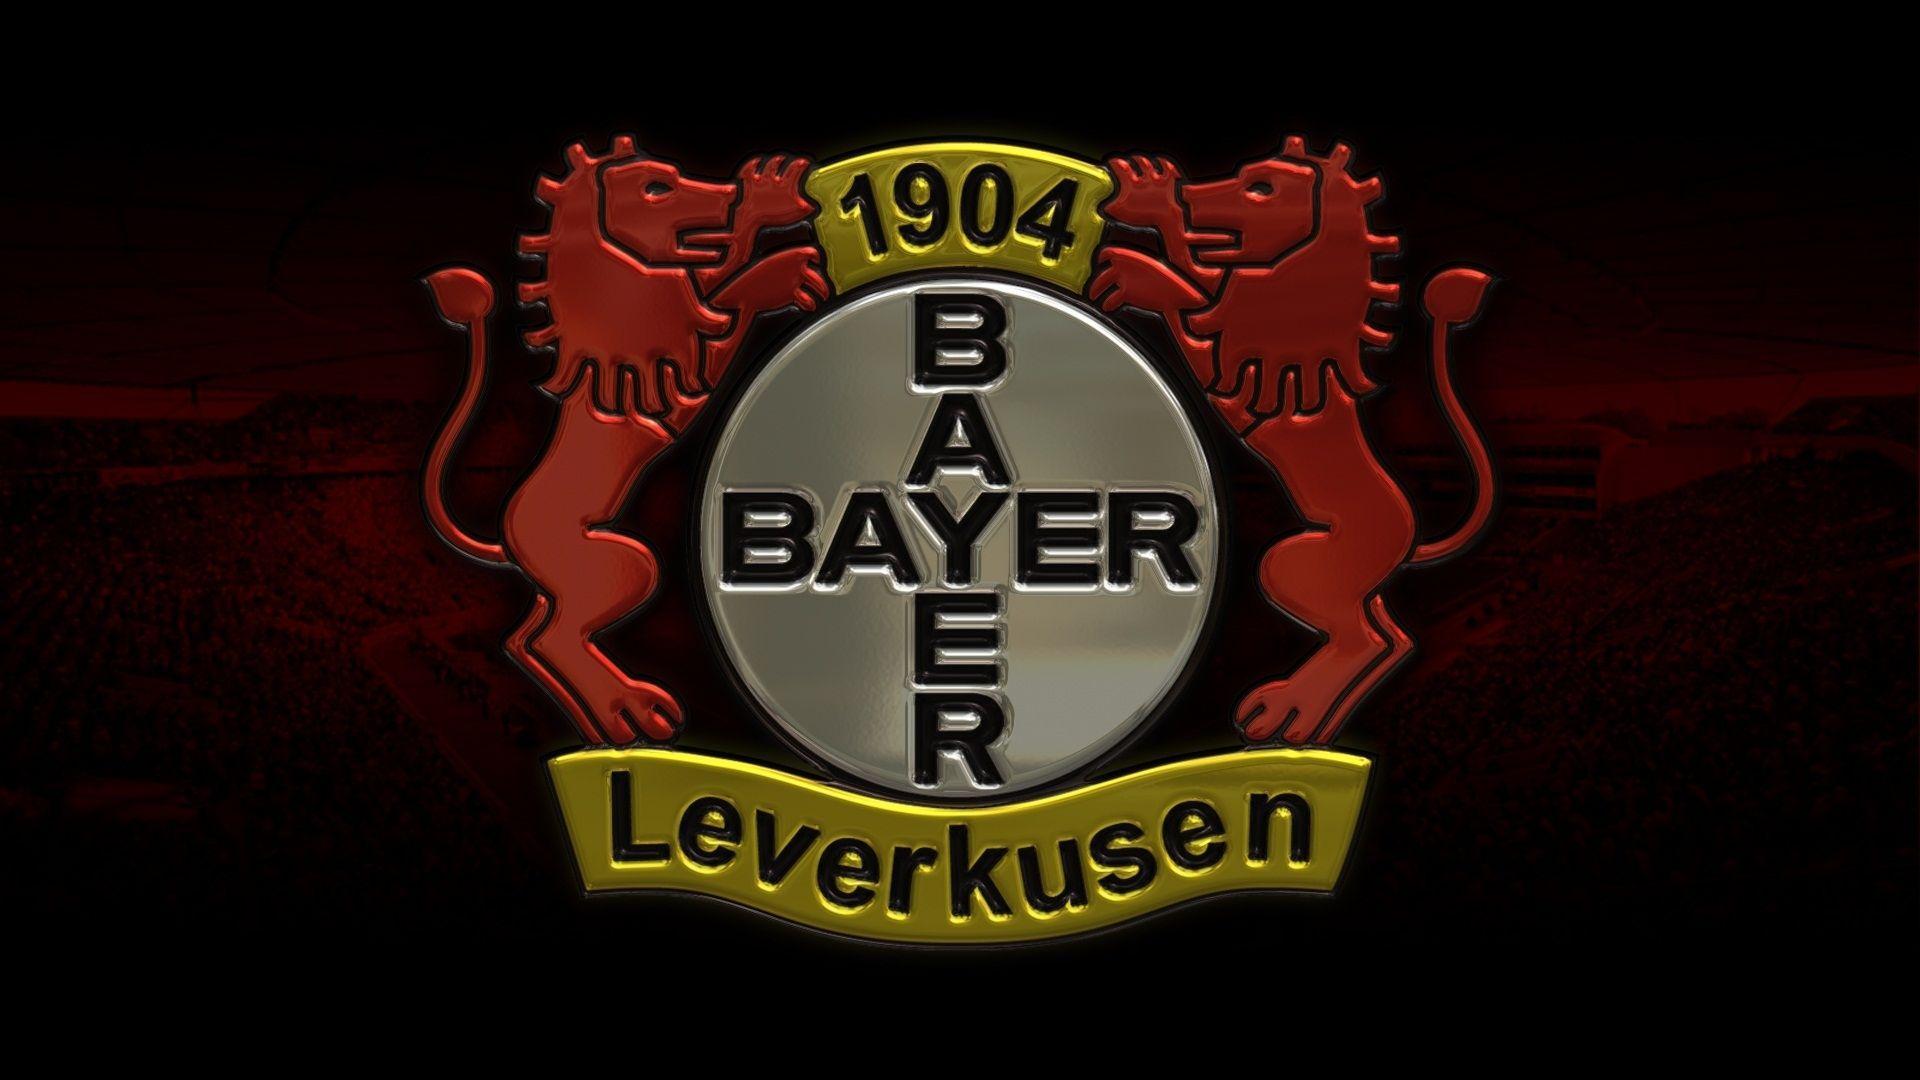 Bayer 04leverkusen